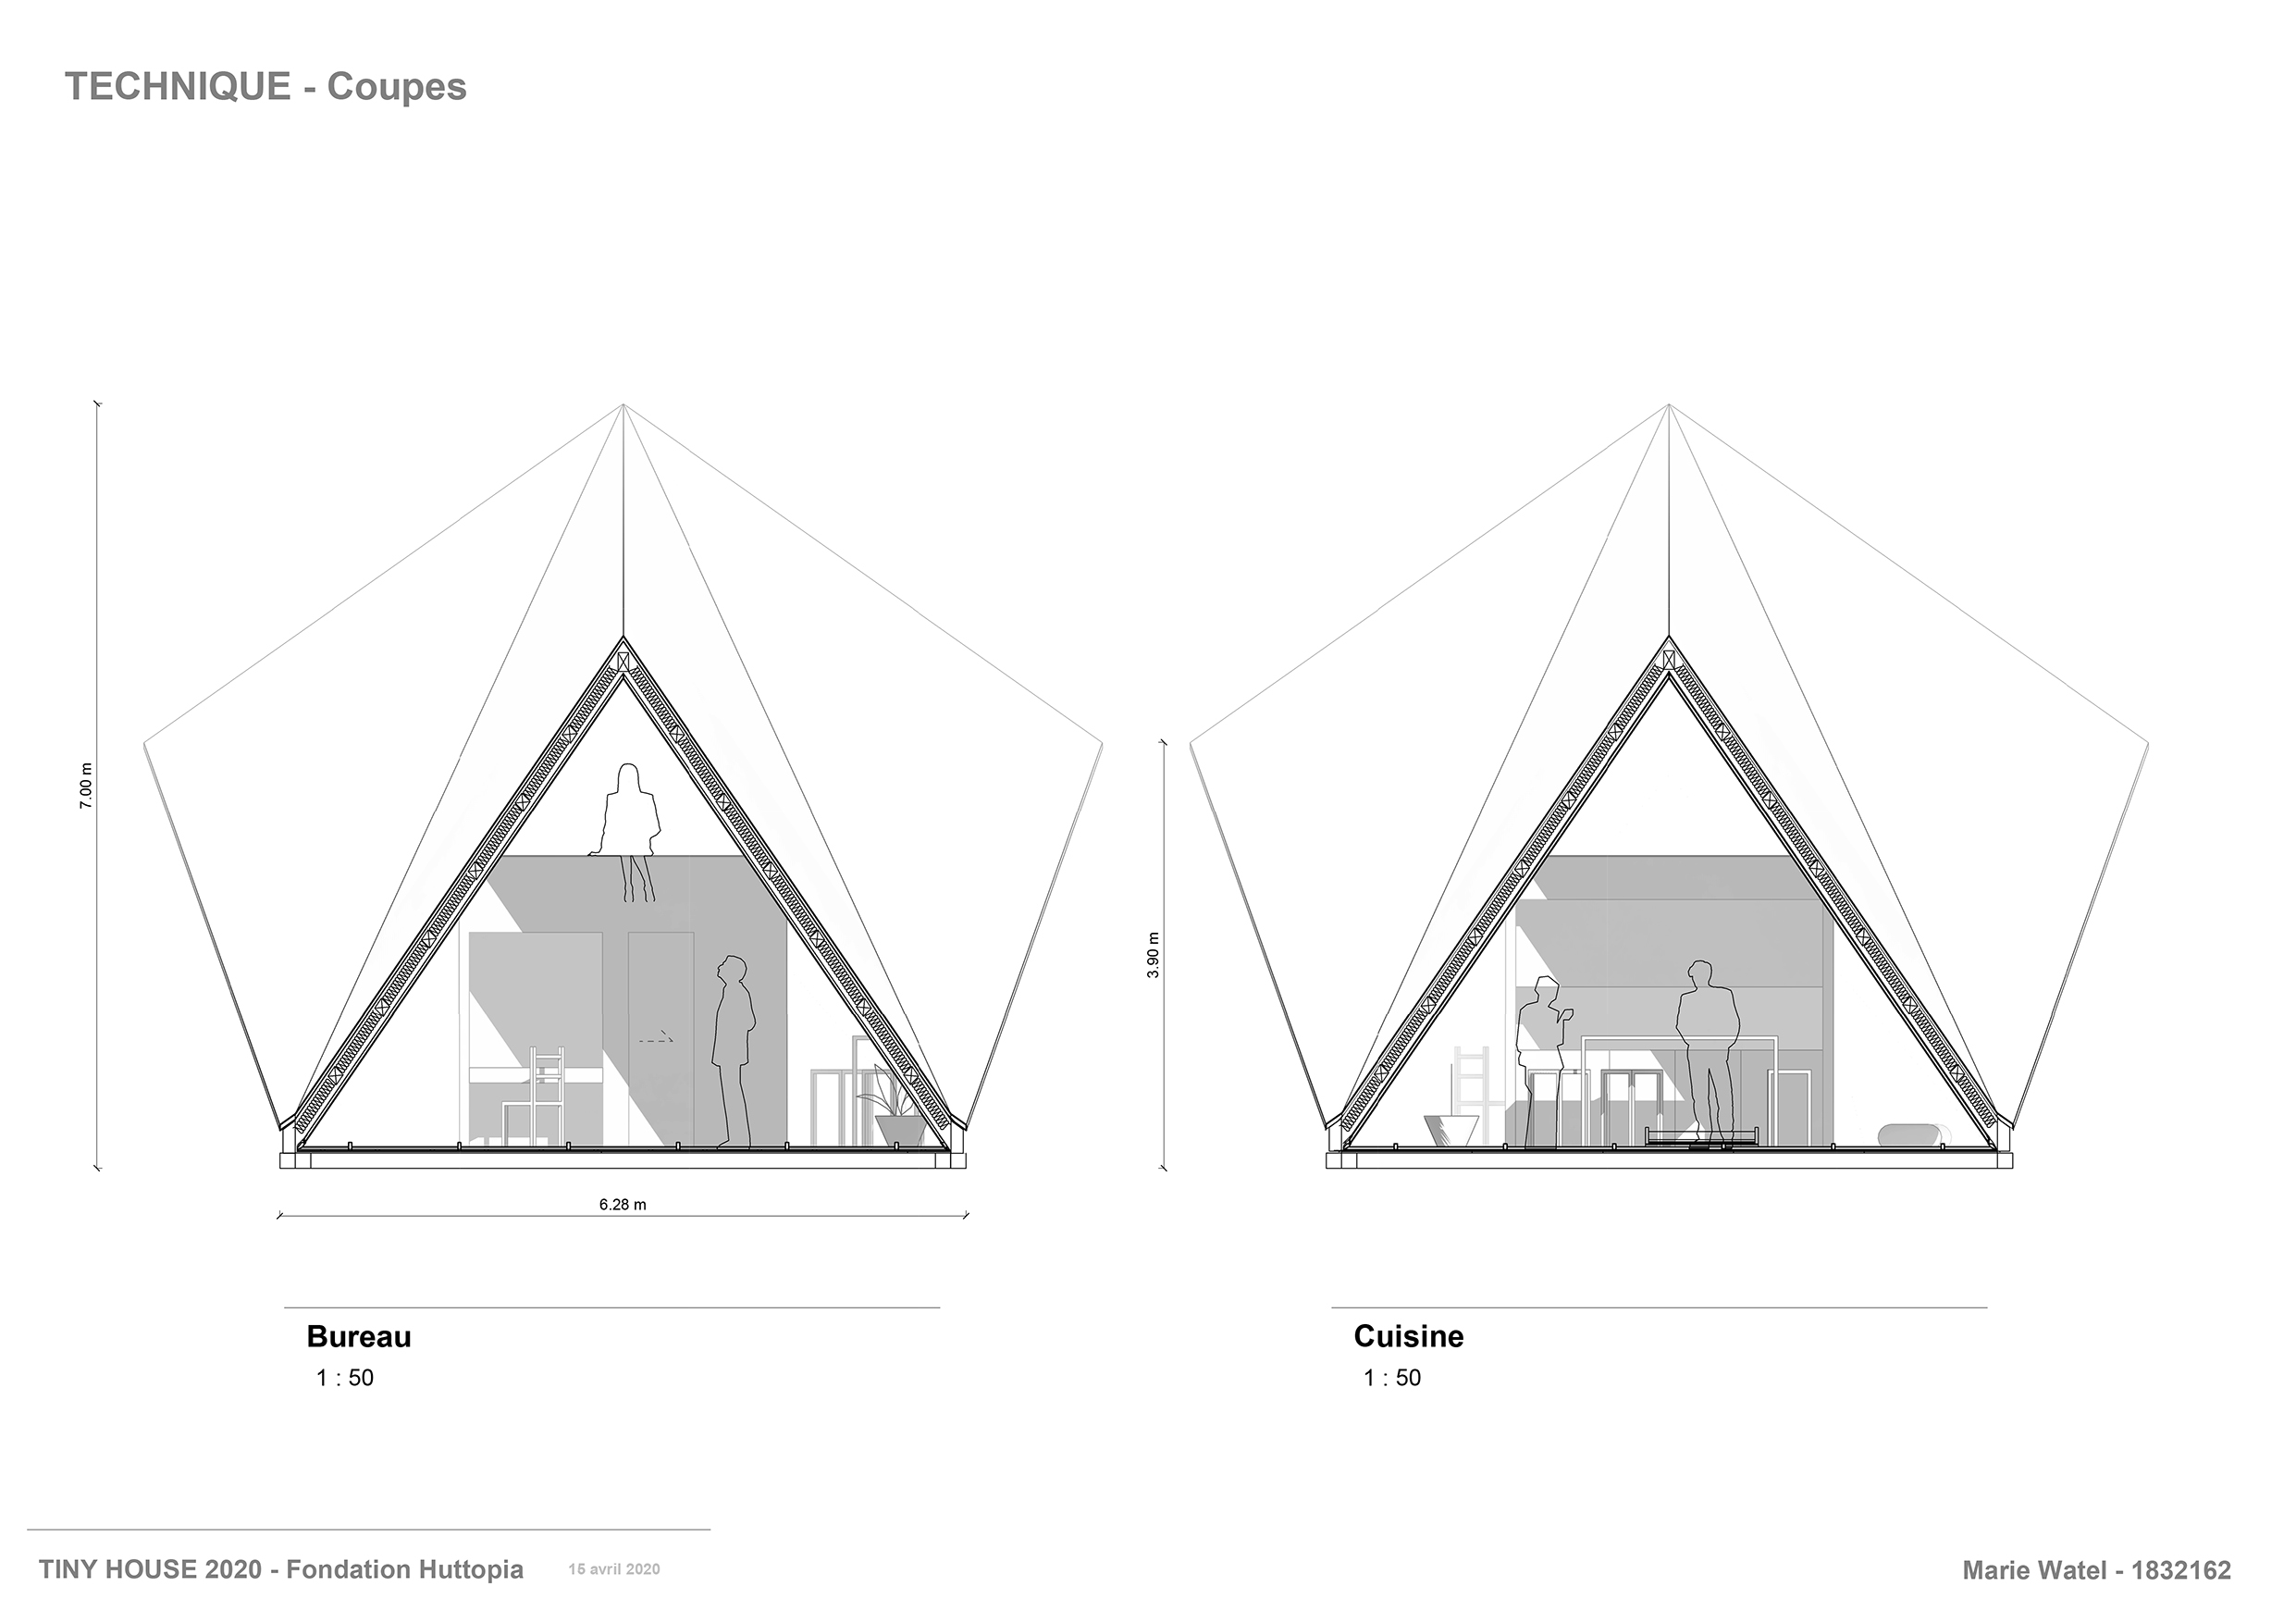 MW_TINY HOUSE 2020_07